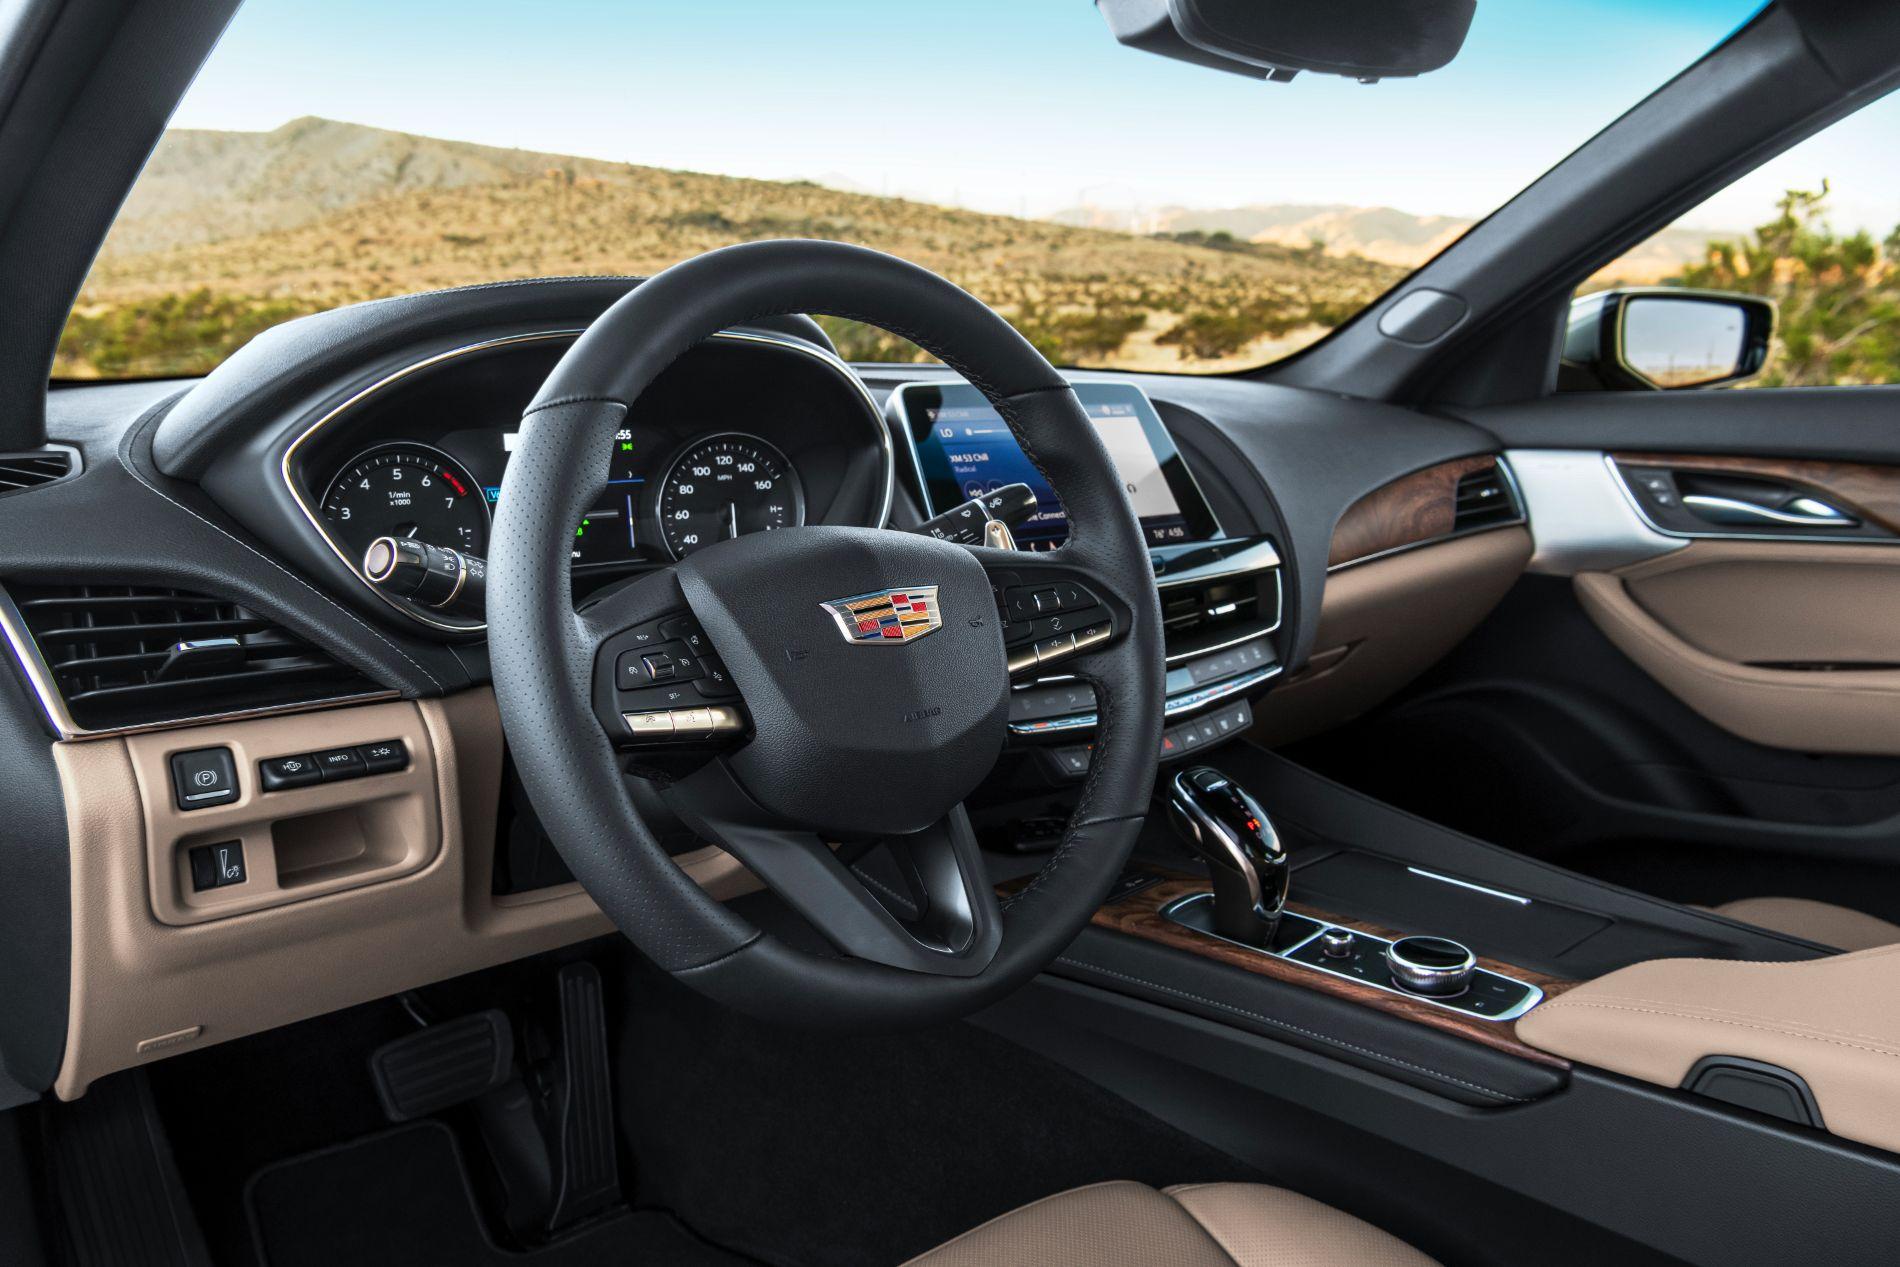 2020-Cadillac-CT5-PremiumLuxury-061